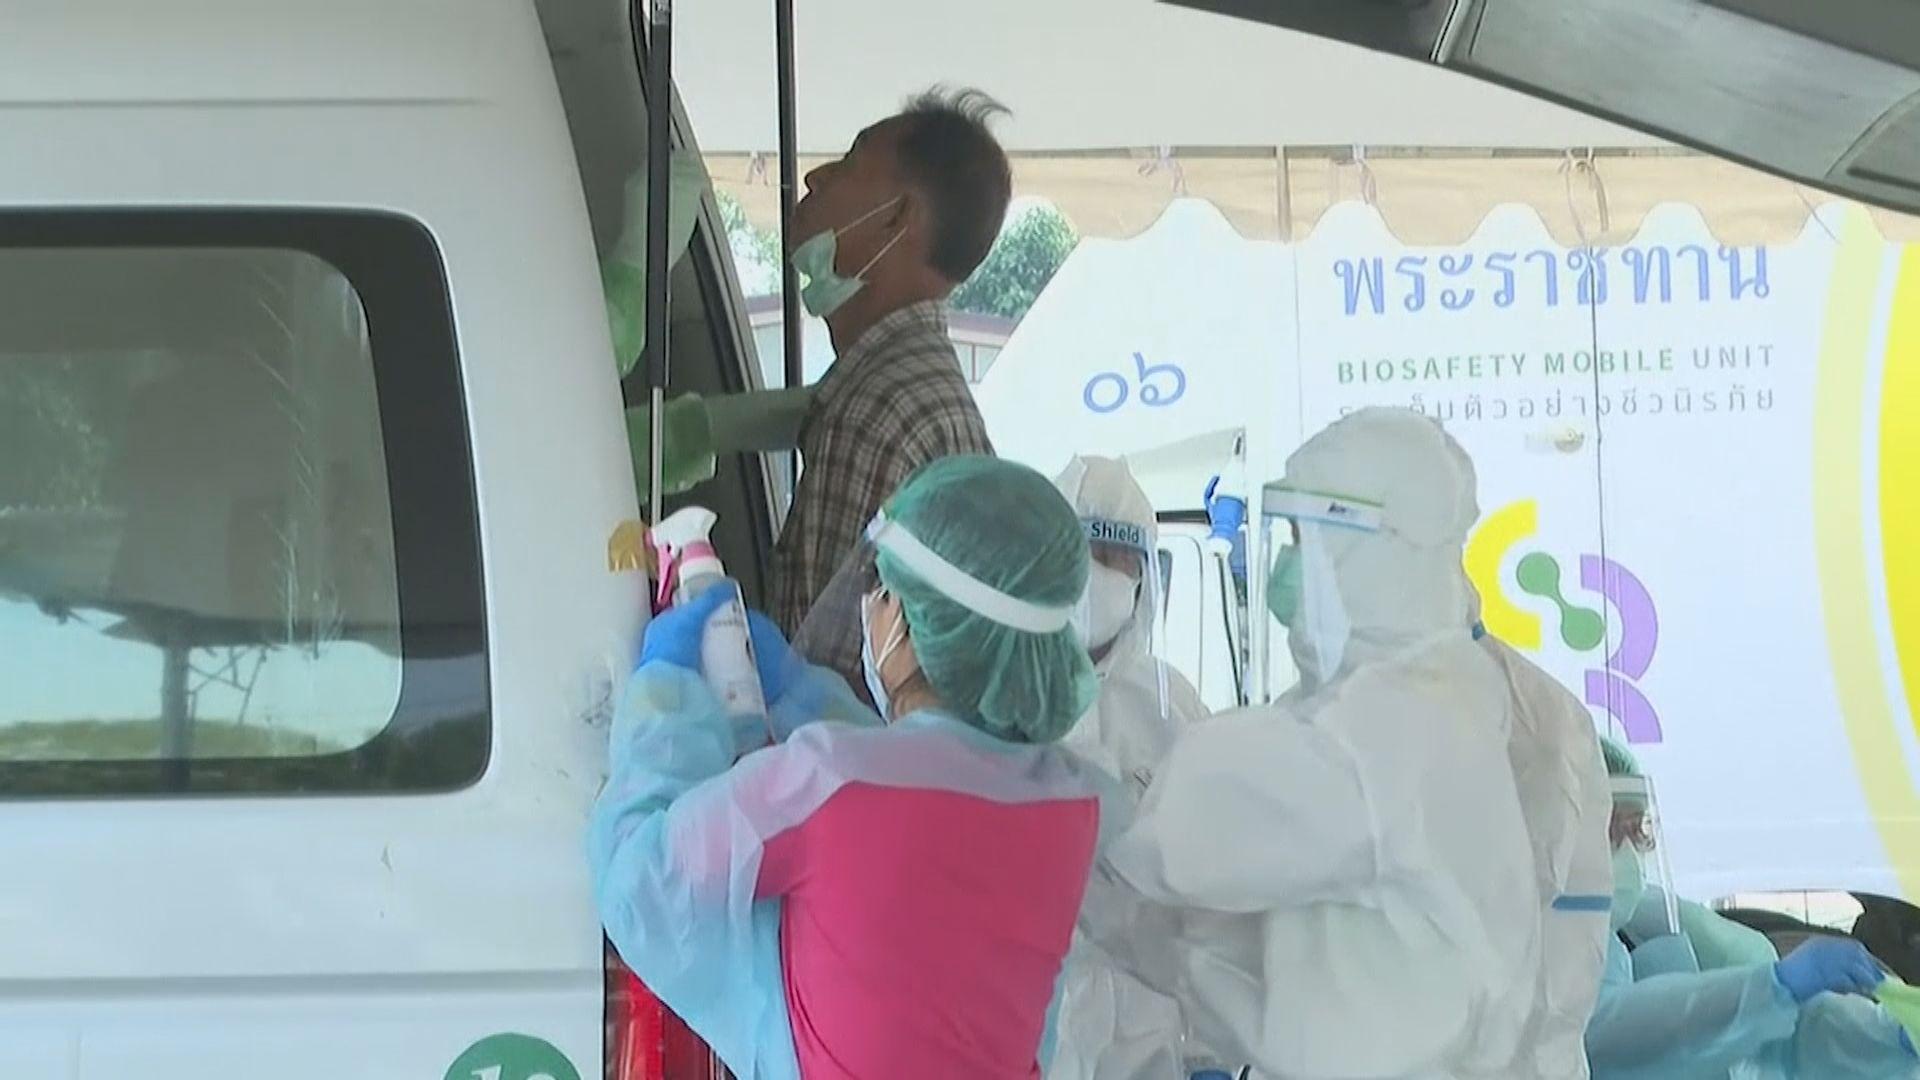 泰國出現首宗變種新冠病毒個案